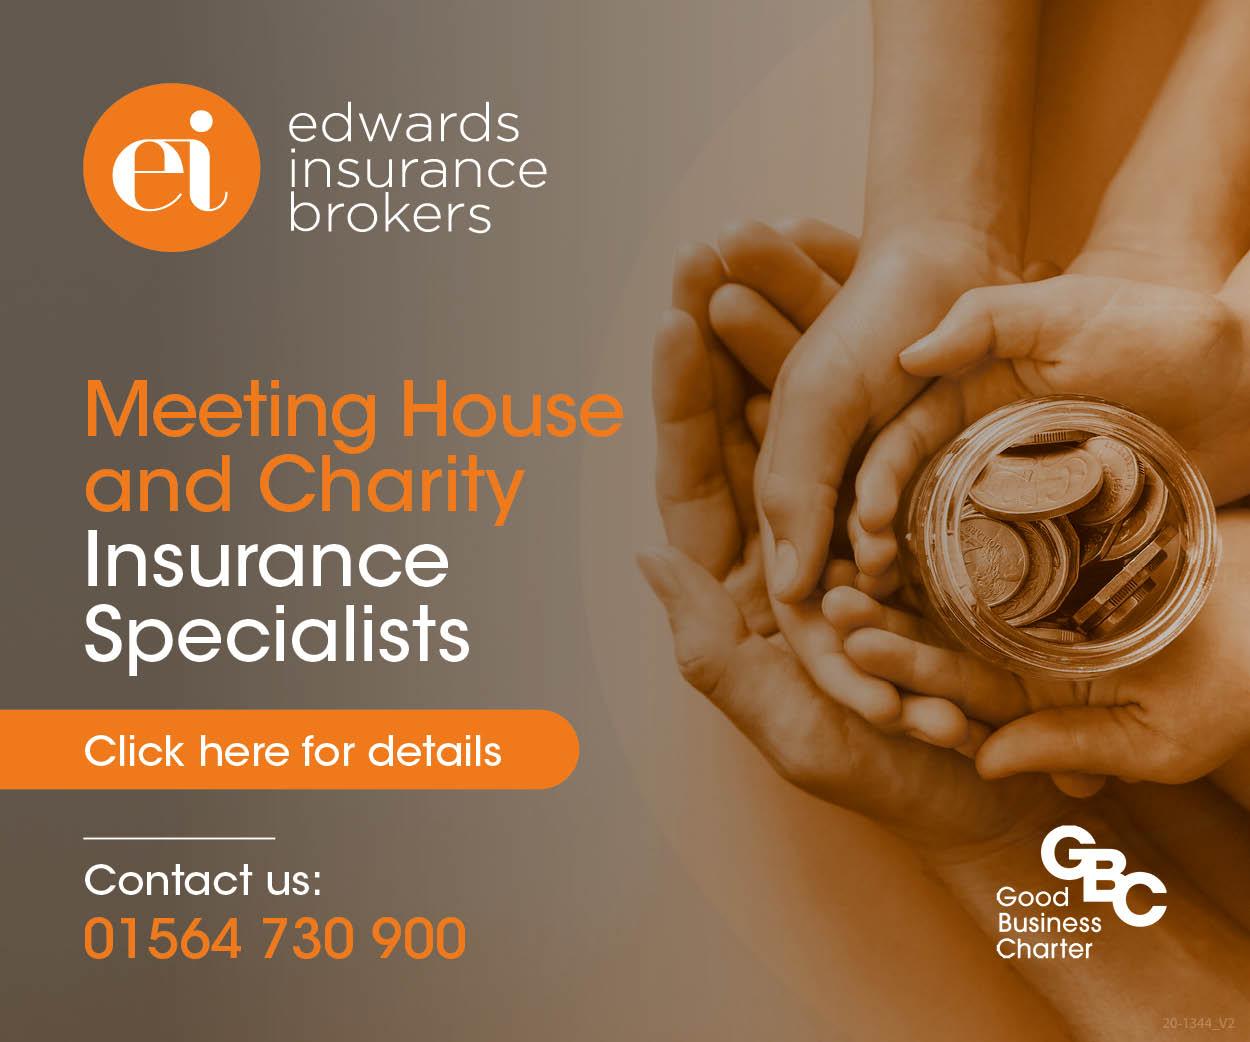 Edwards Insurance